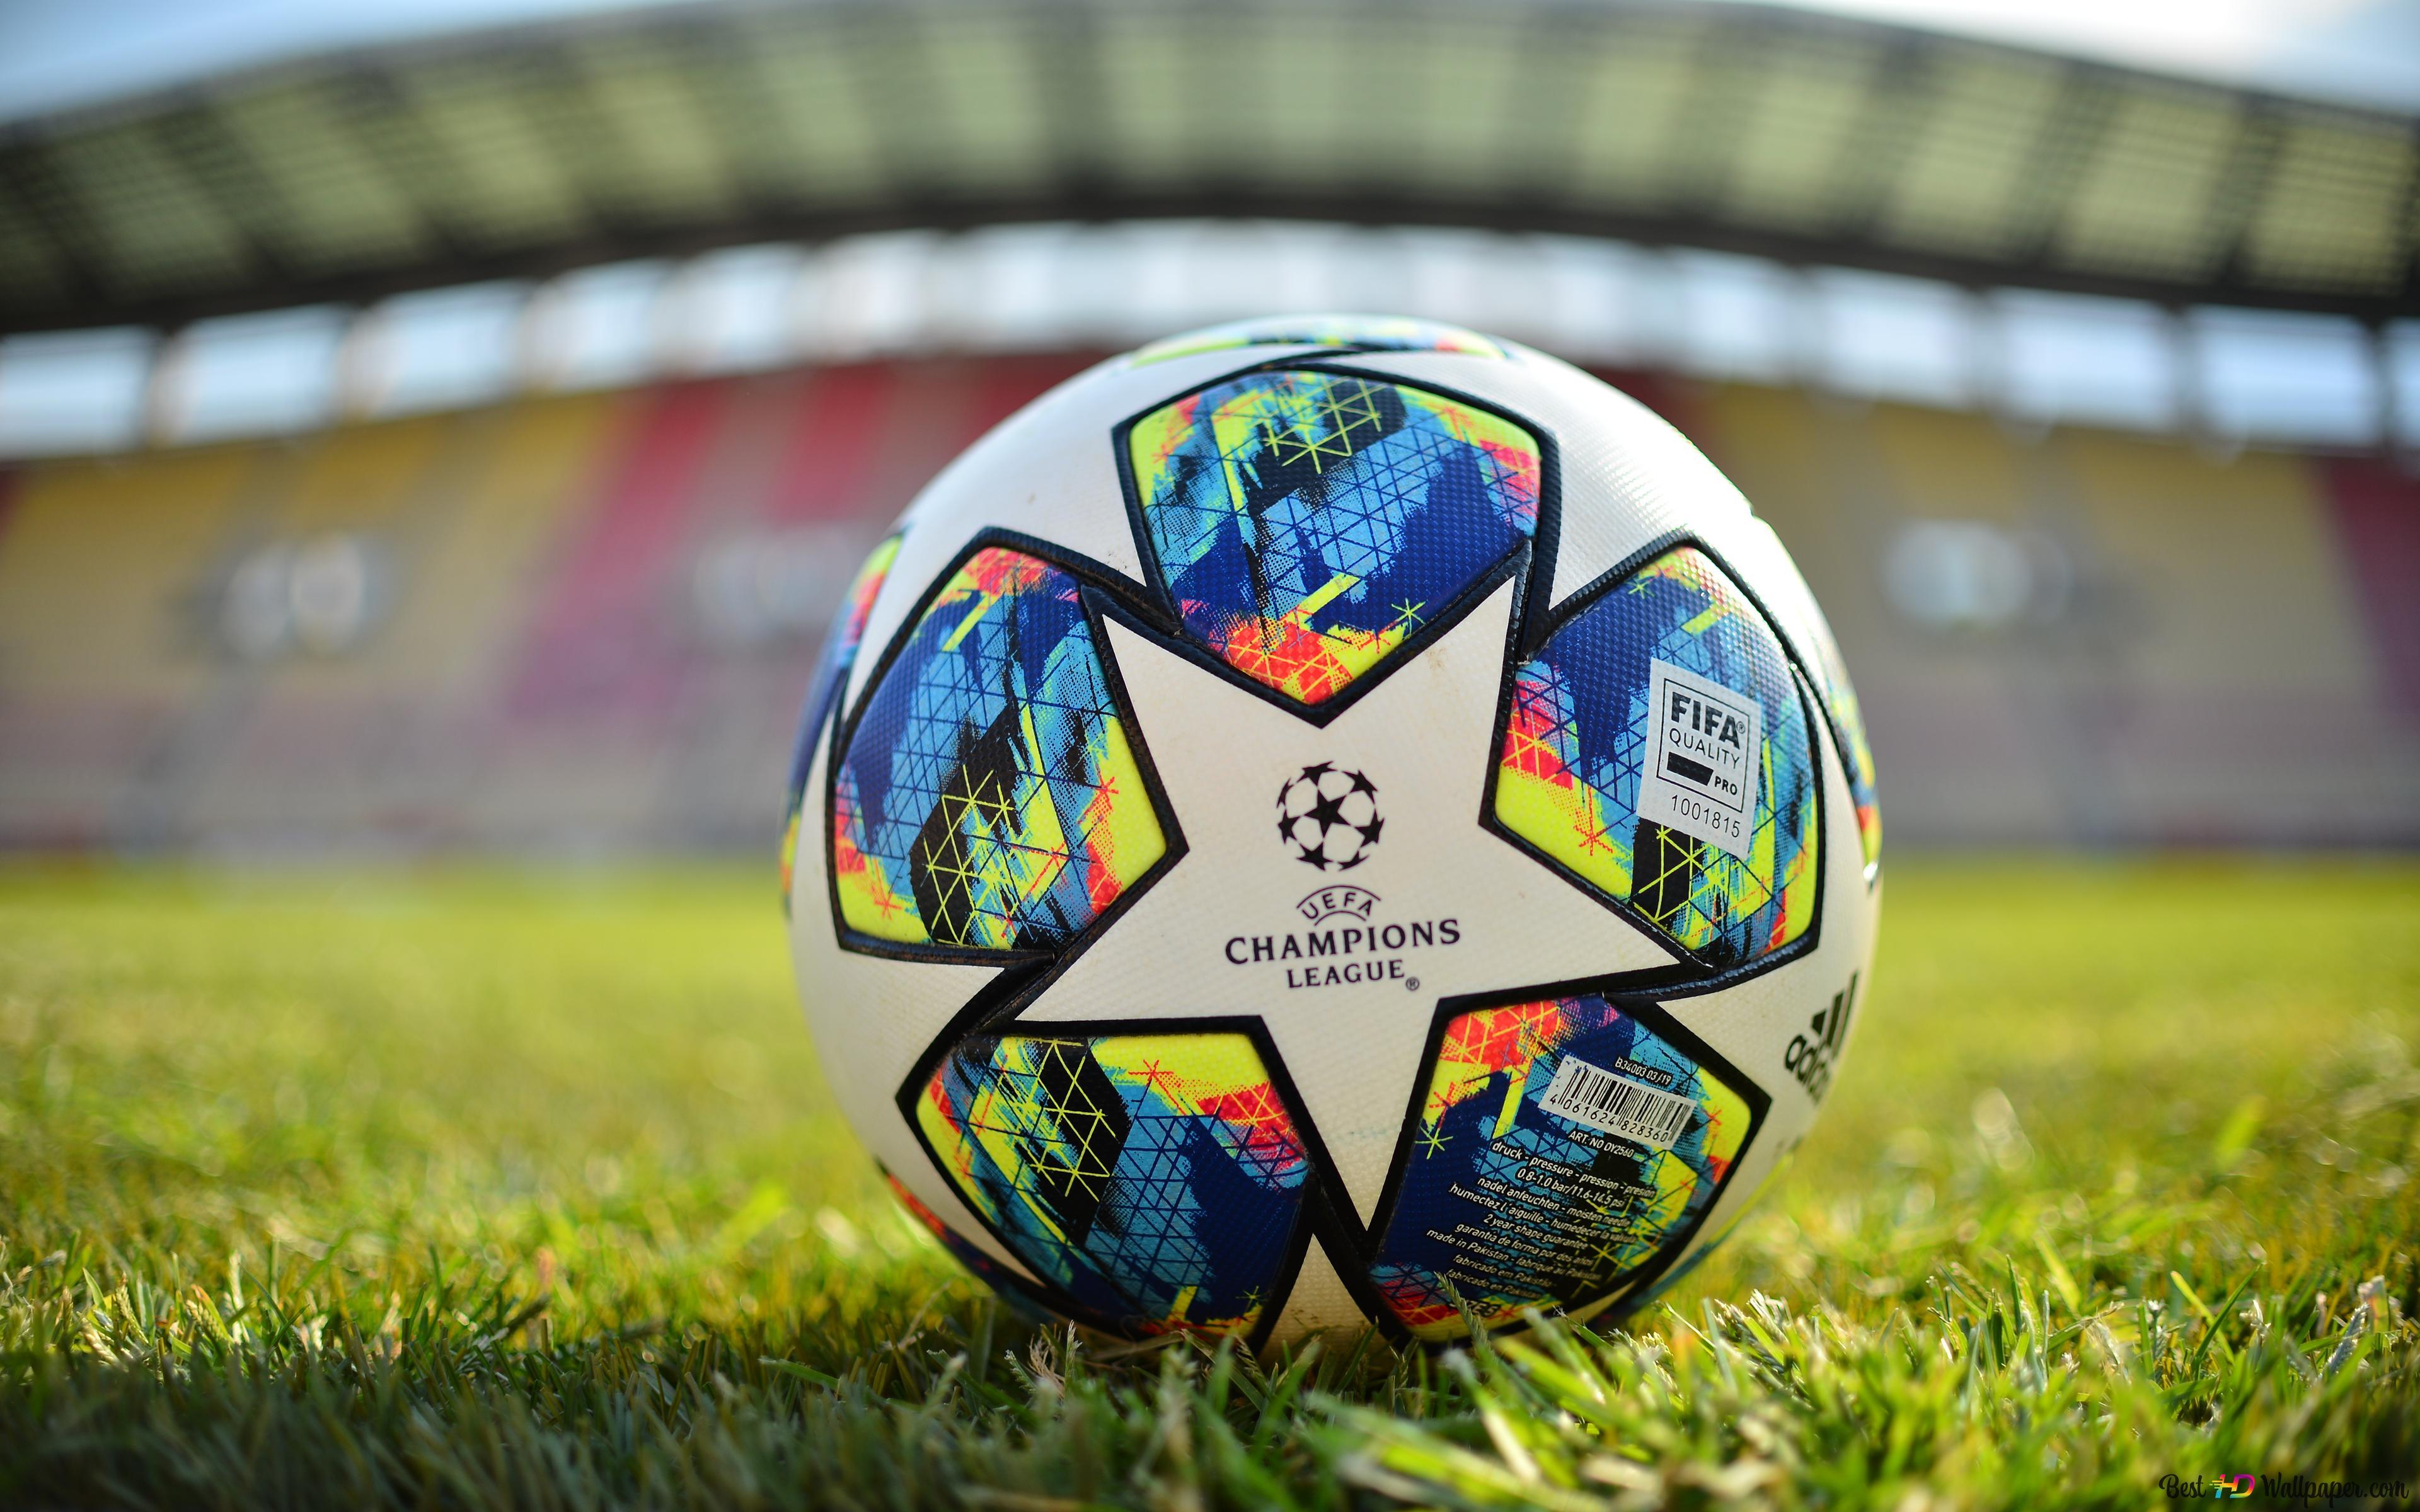 Uefaチャンピオンズリーグ2019 2020公式球 Hd壁紙のダウンロード